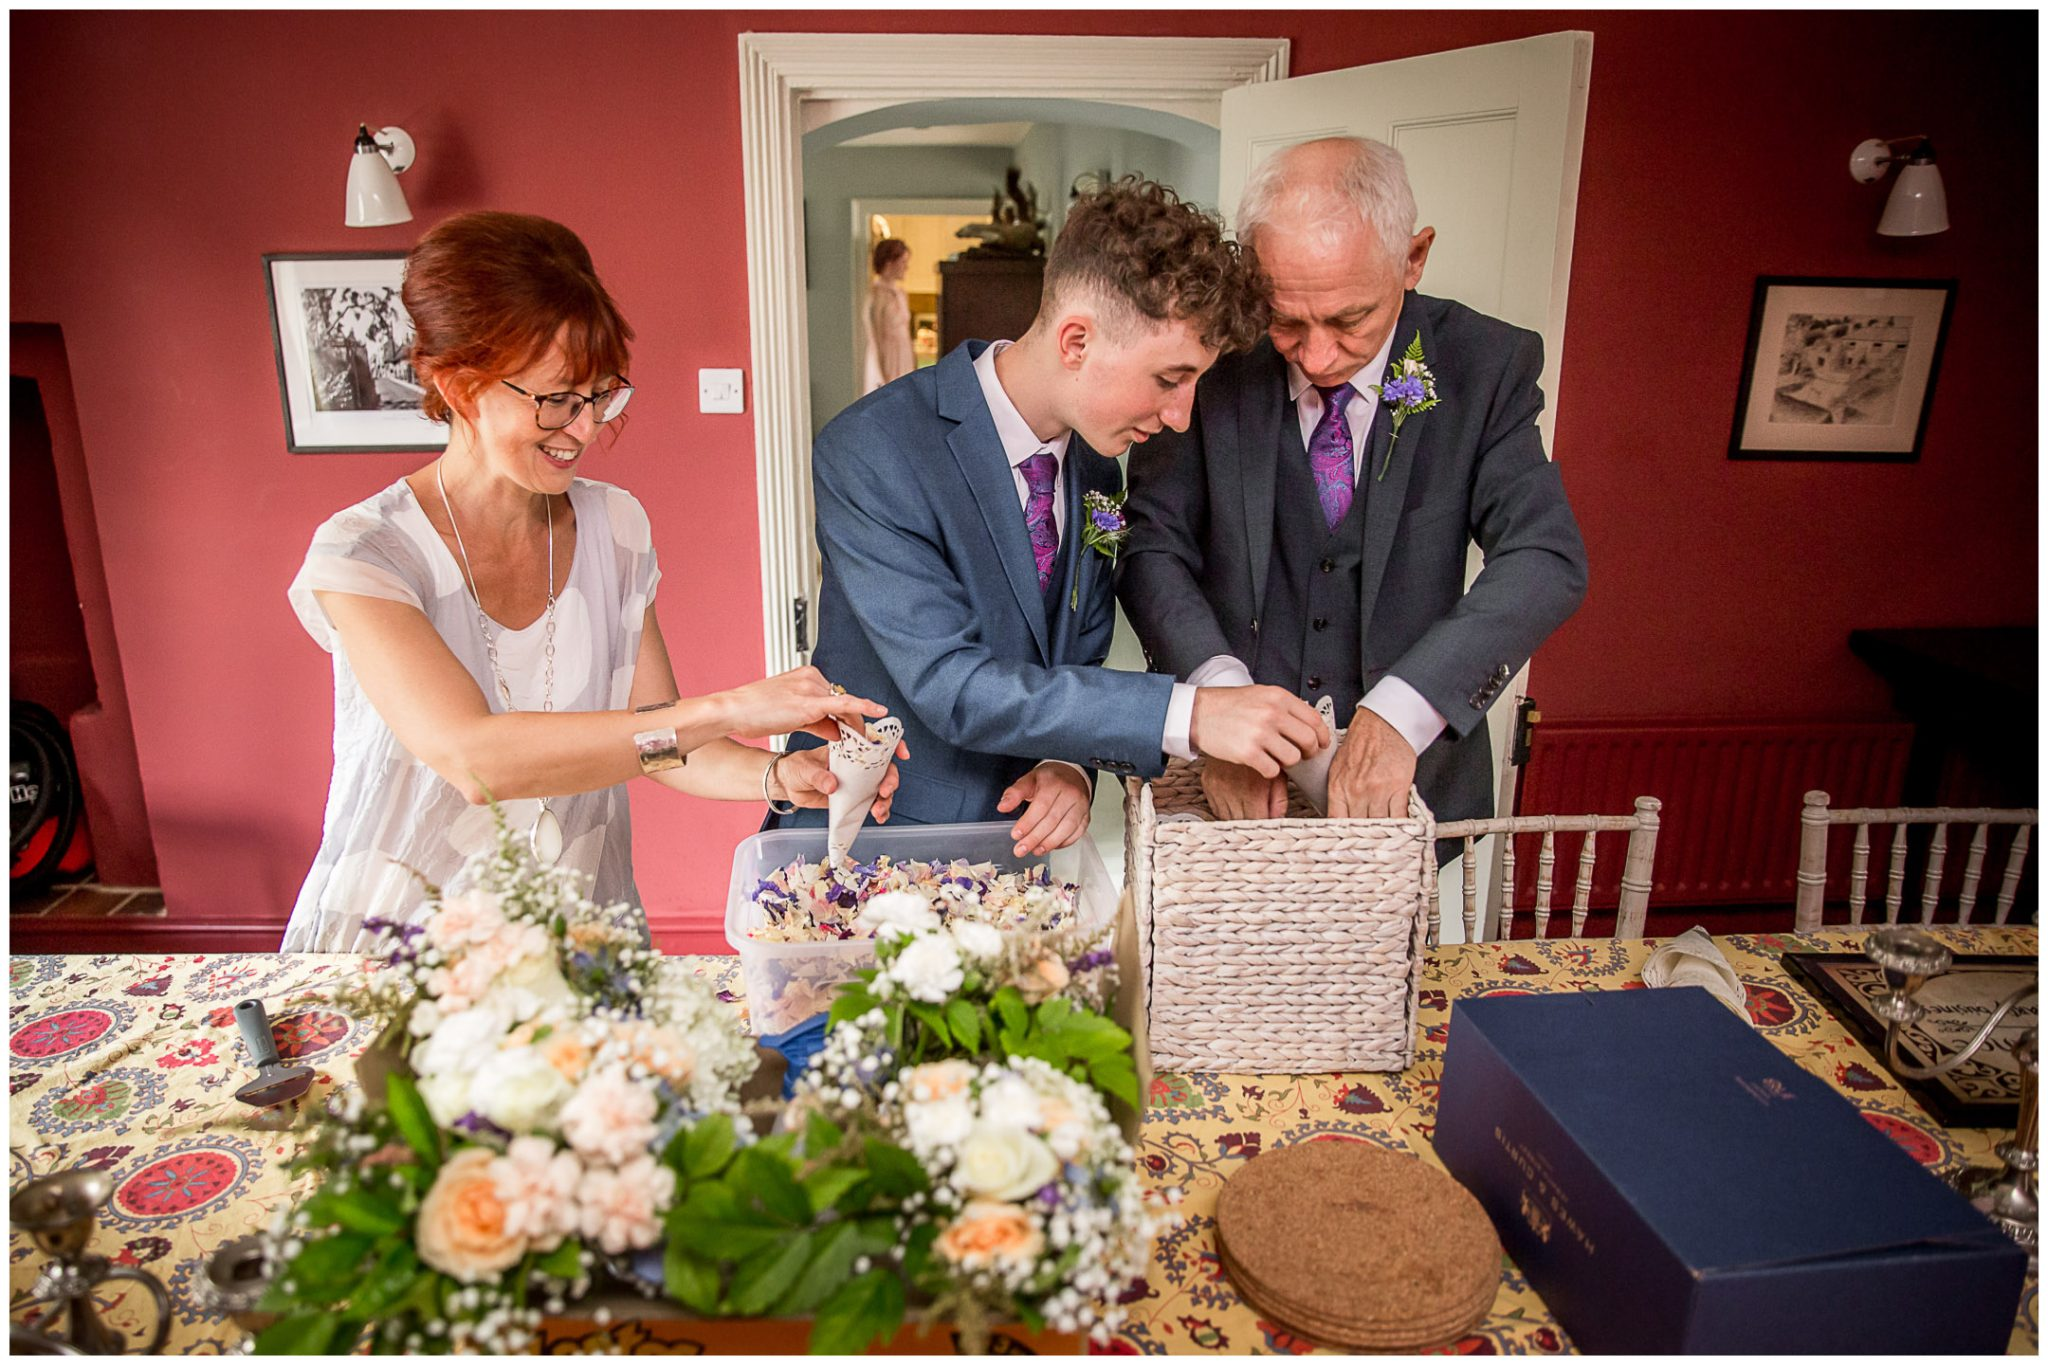 The bride's family prepare the confetti as the bride gets ready